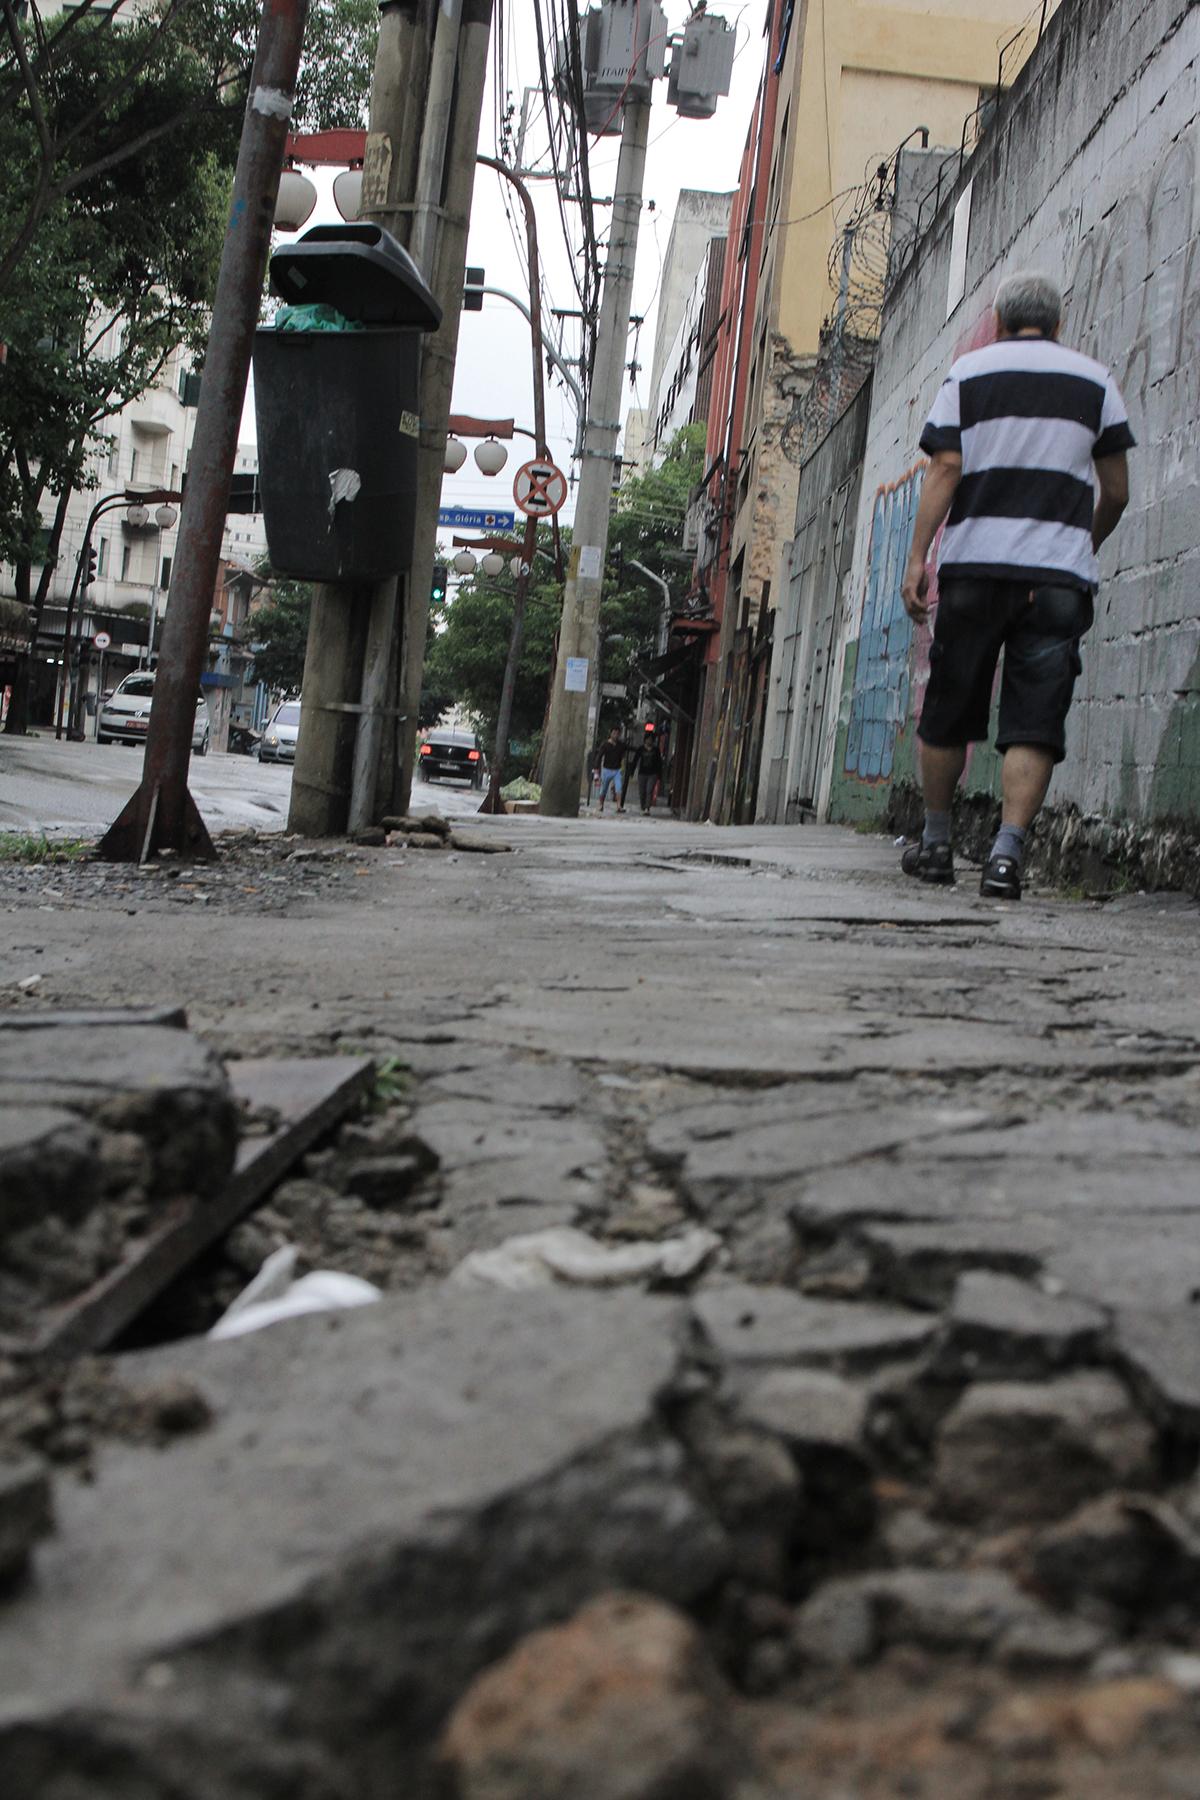 Rua Barão de Iguape, perto do nº 222, Liberdade: o que era um caminho de pedestres parece ser engolido pelo bueiro. Ainda assim, há quem ande